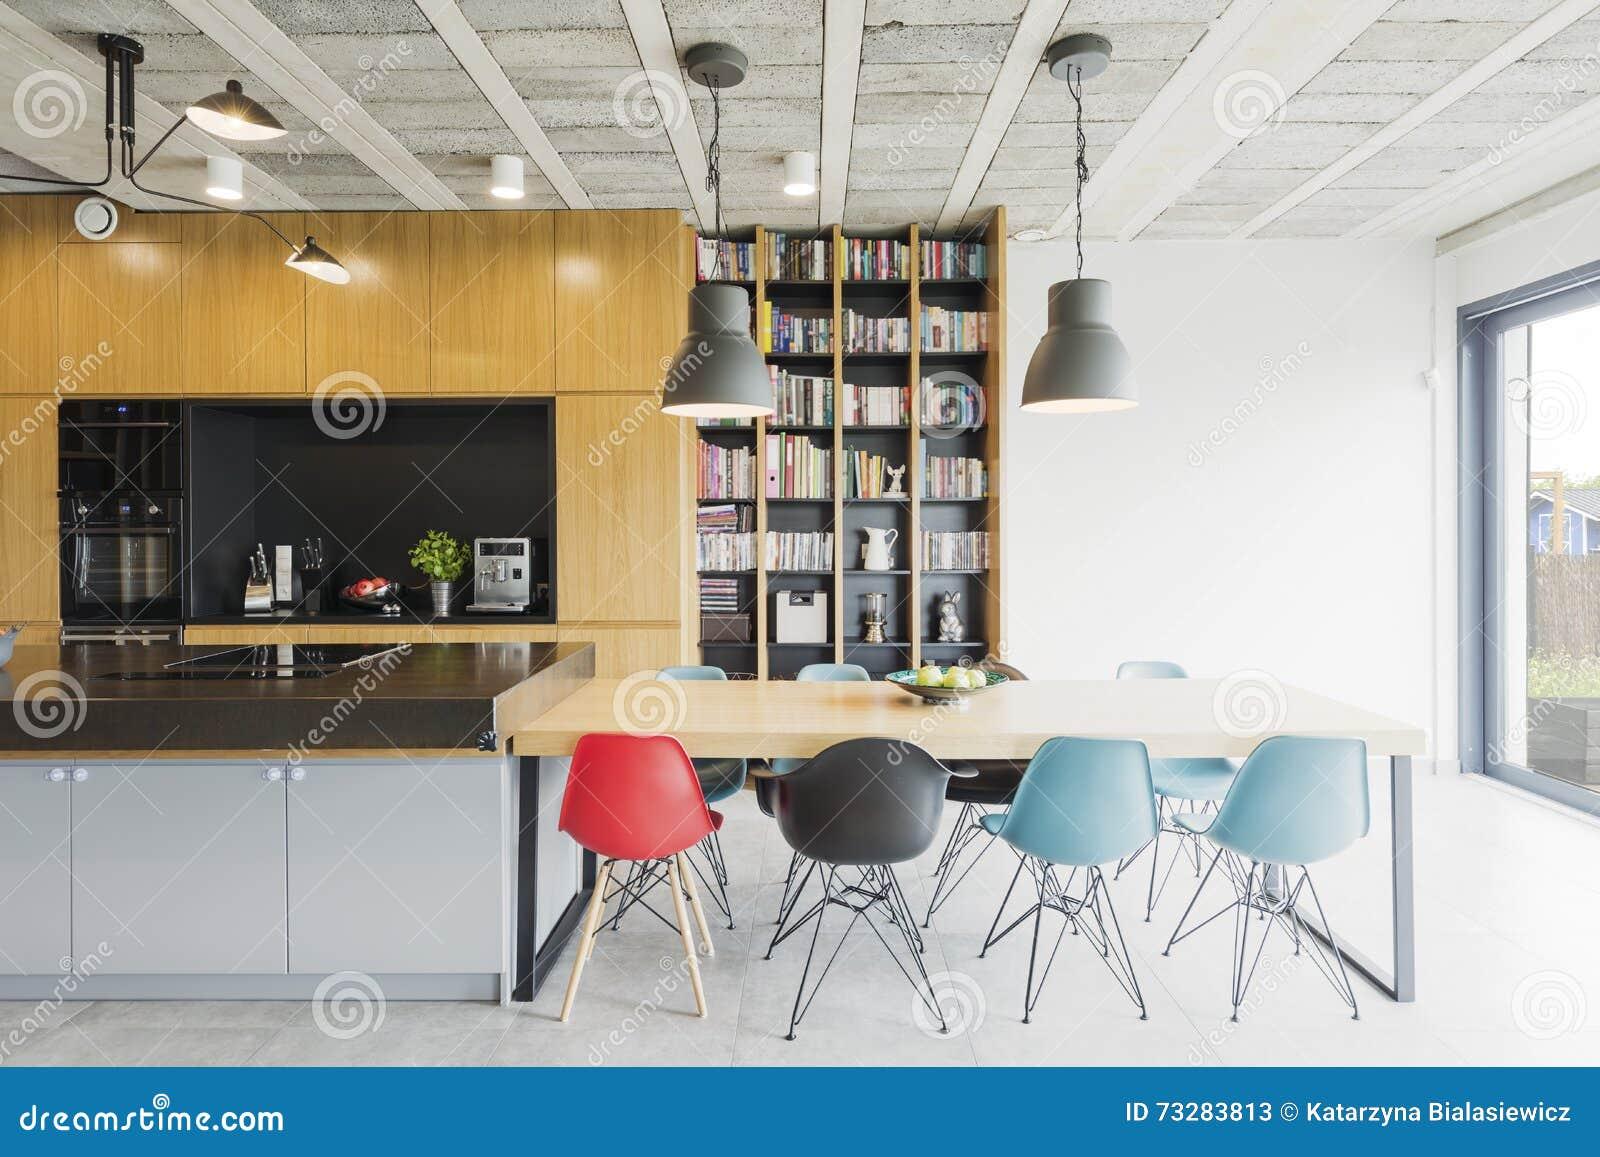 Eetkamer Keuken Open : Gecombineerde eetkamer en keuken stock afbeelding afbeelding